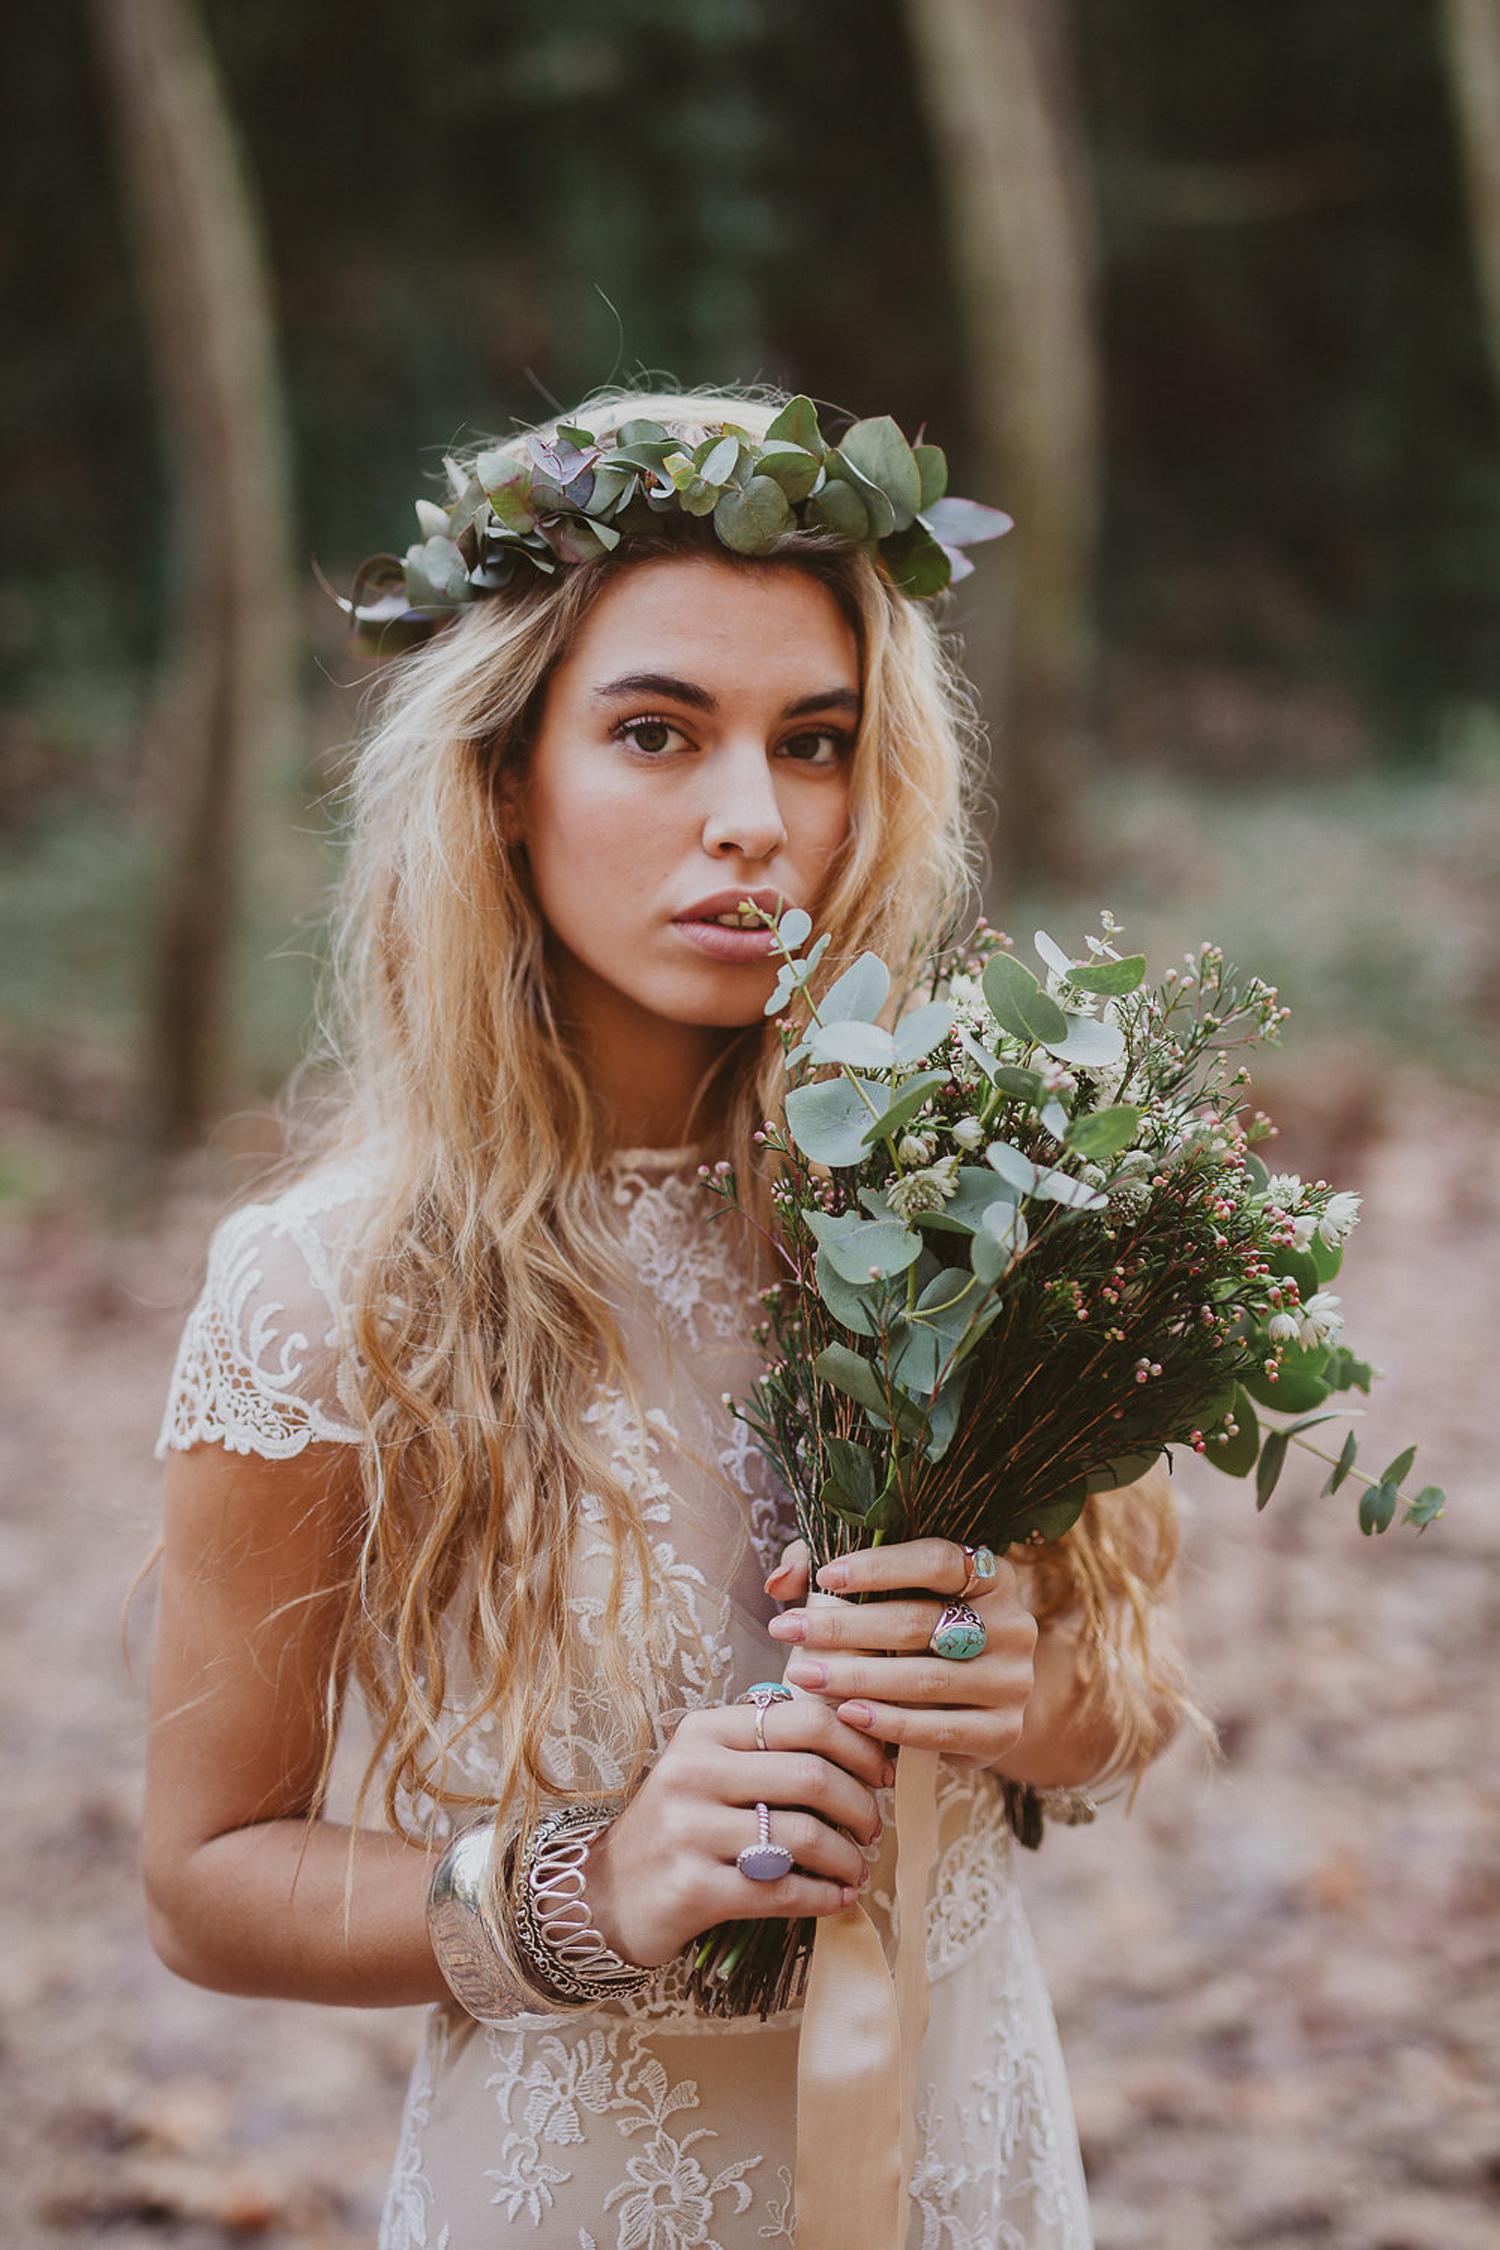 049-greenery-bouquet.jpg